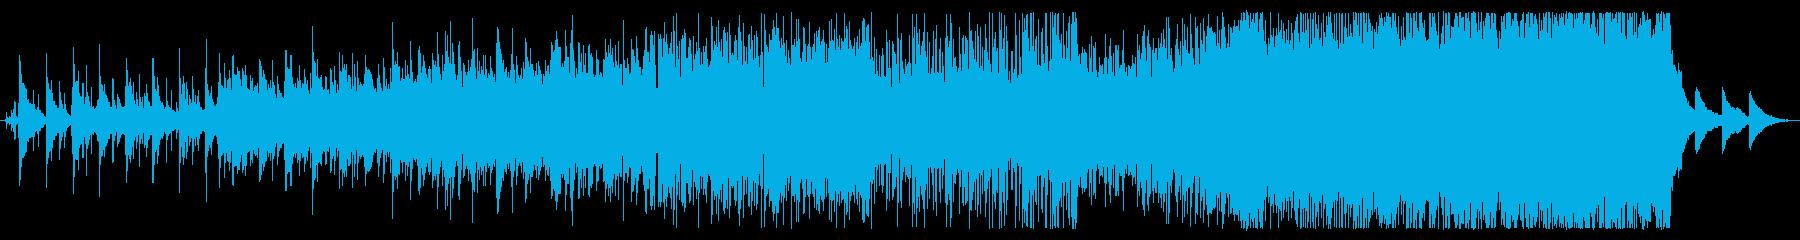 段々展開していくプログレぽい壮大な曲の再生済みの波形